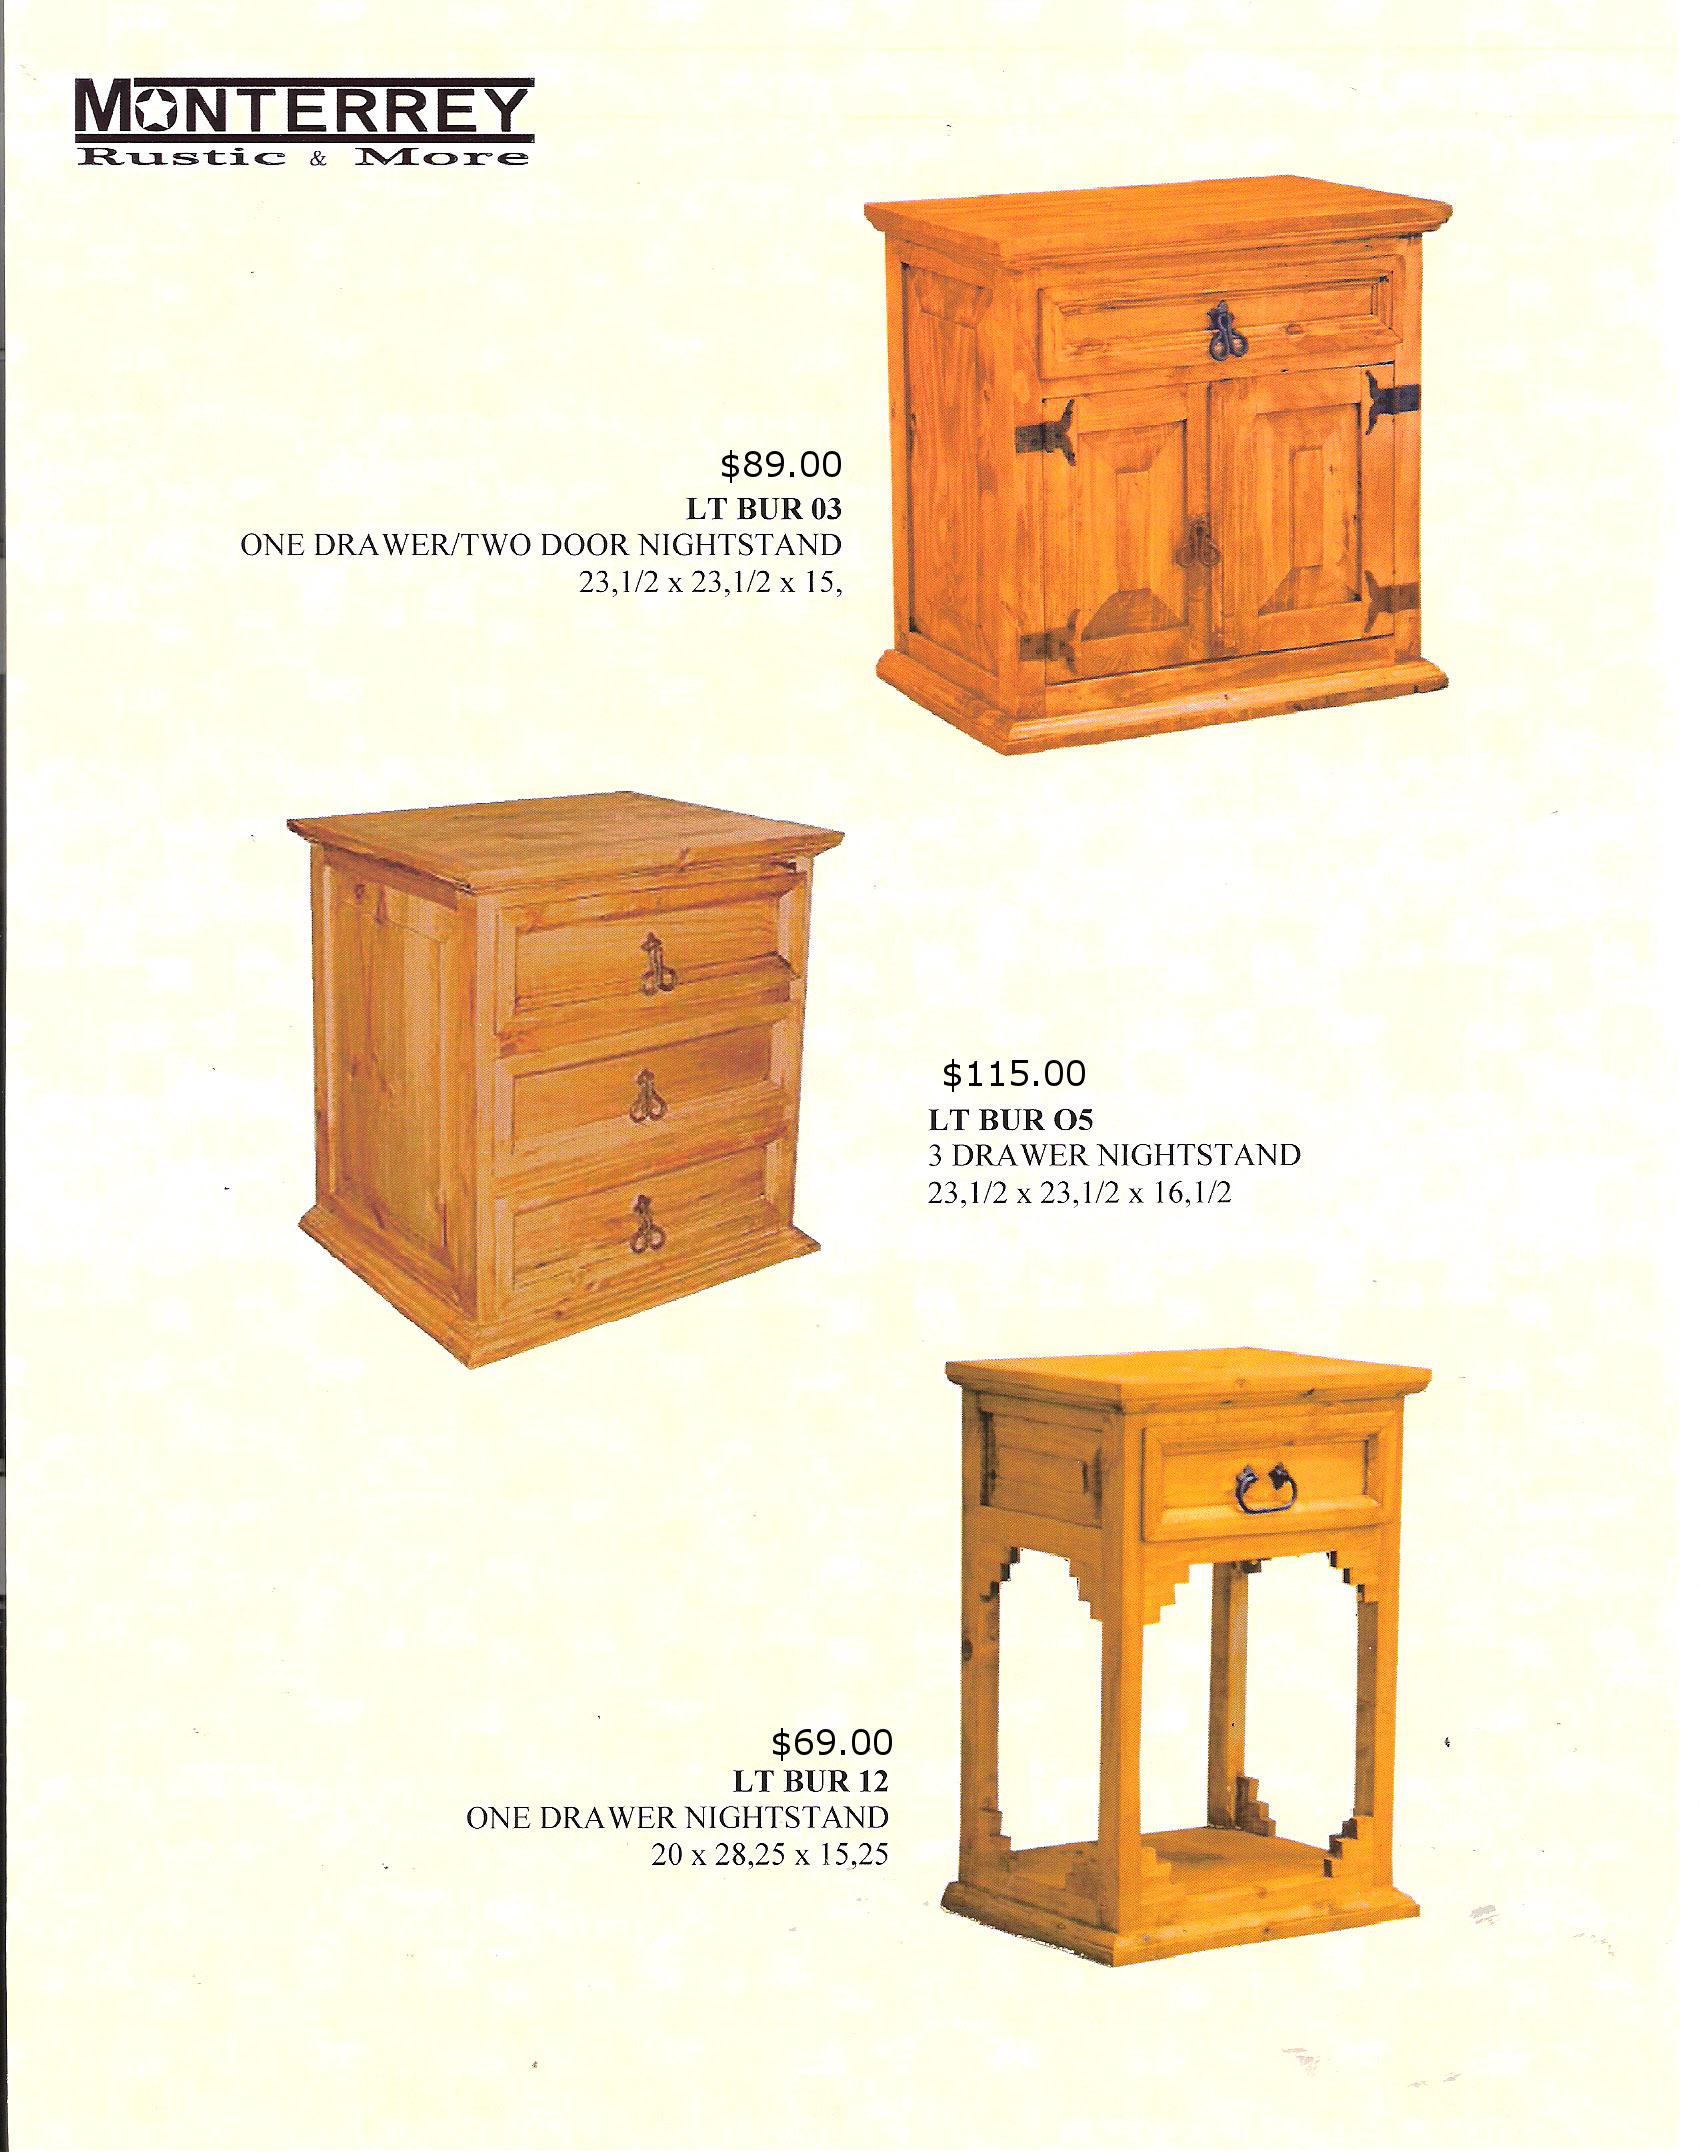 Nightstands Monterrey Rustic Furniture